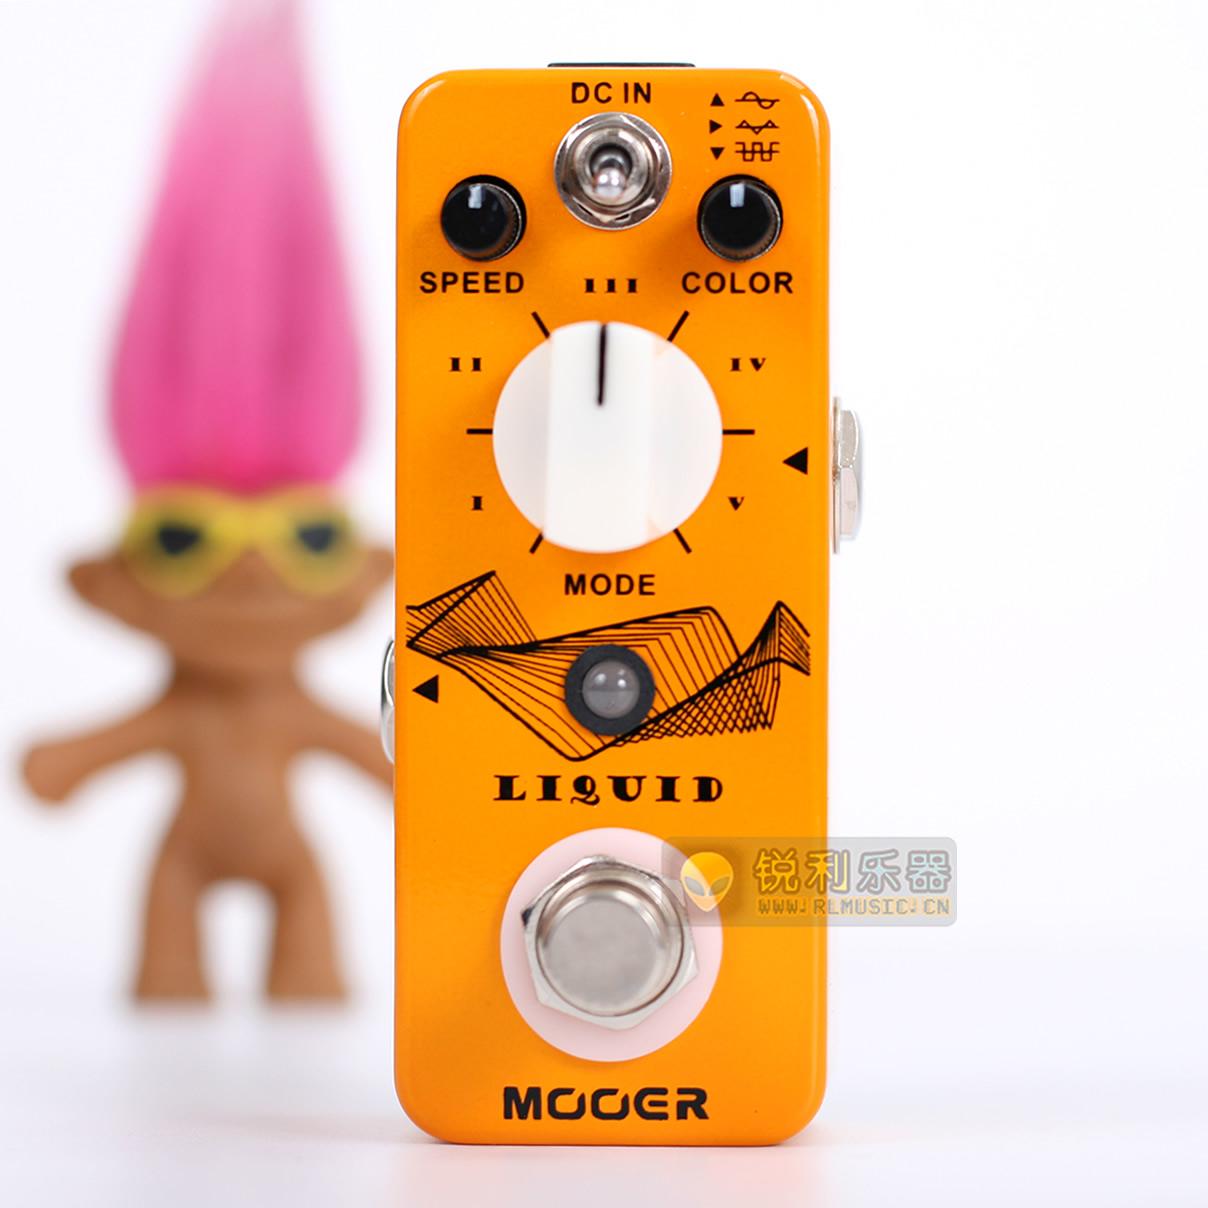 【Mooer Liquid】魔耳五模式相位 数字移相效果器【锐利乐器】